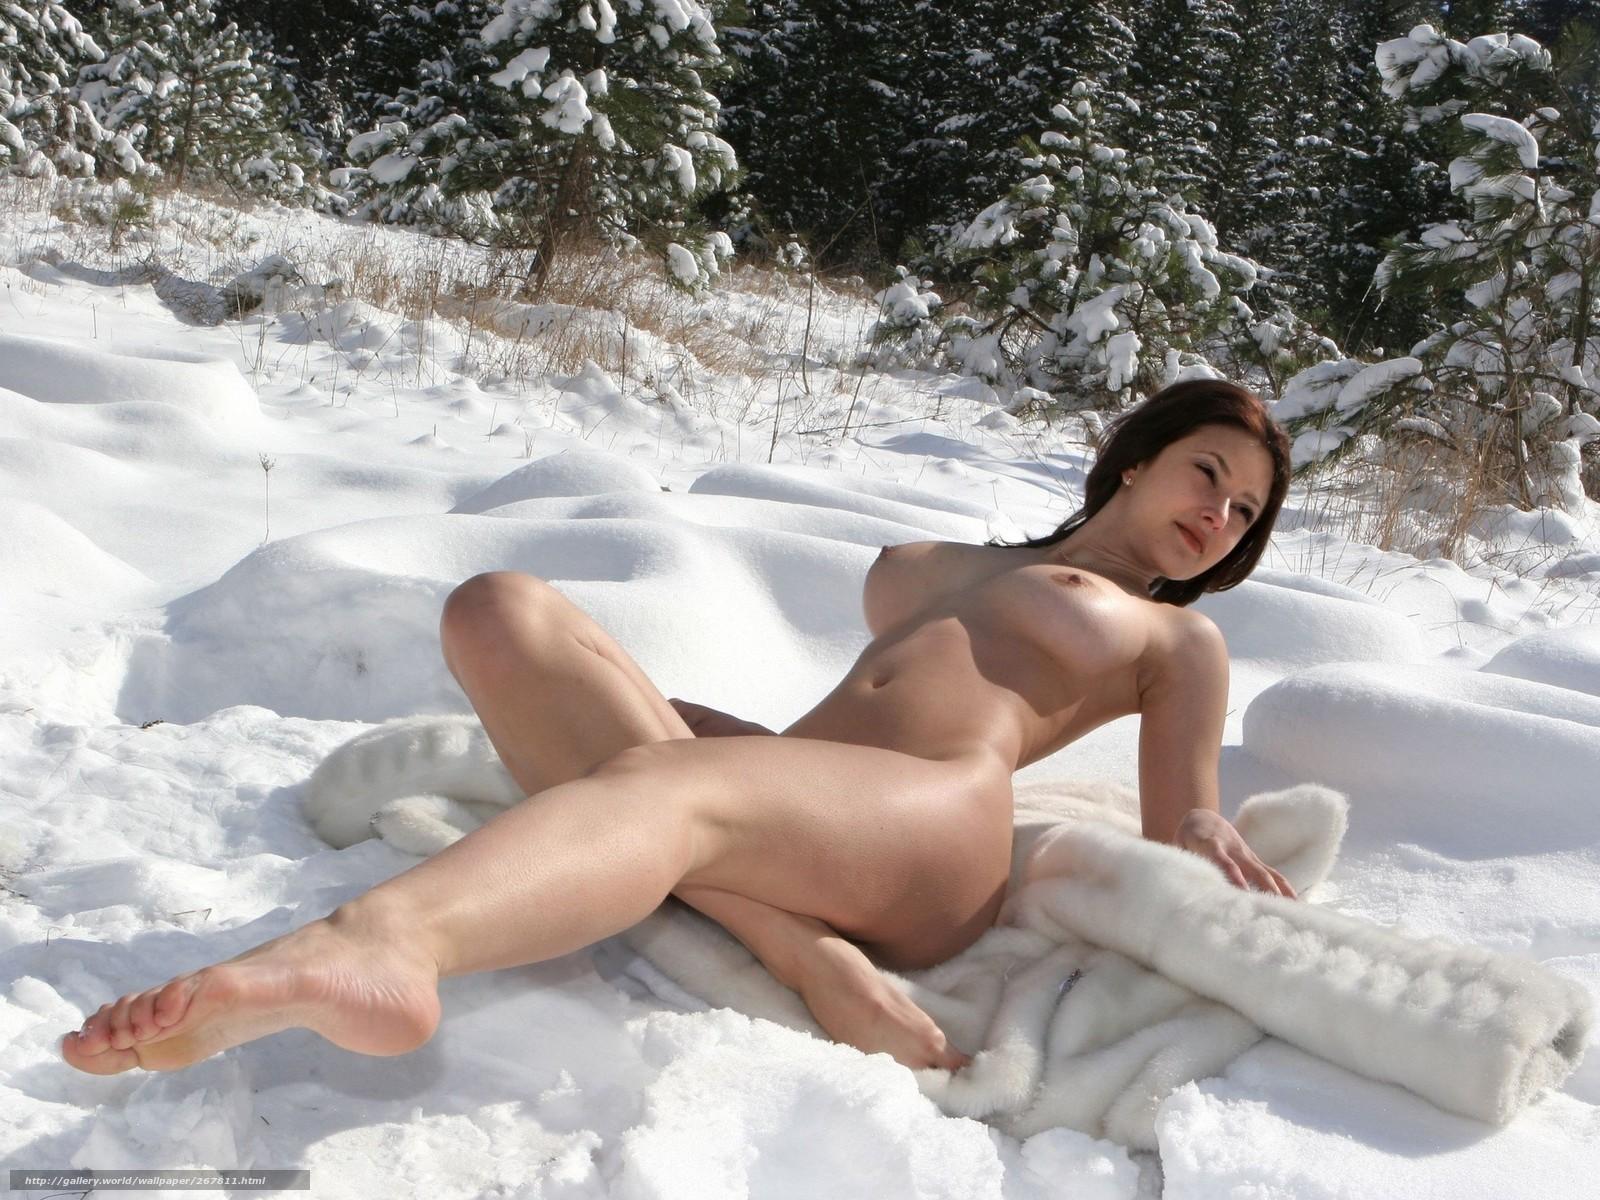 seks-bez-obyazatelstv-s-zhenshinoy-v-harkove